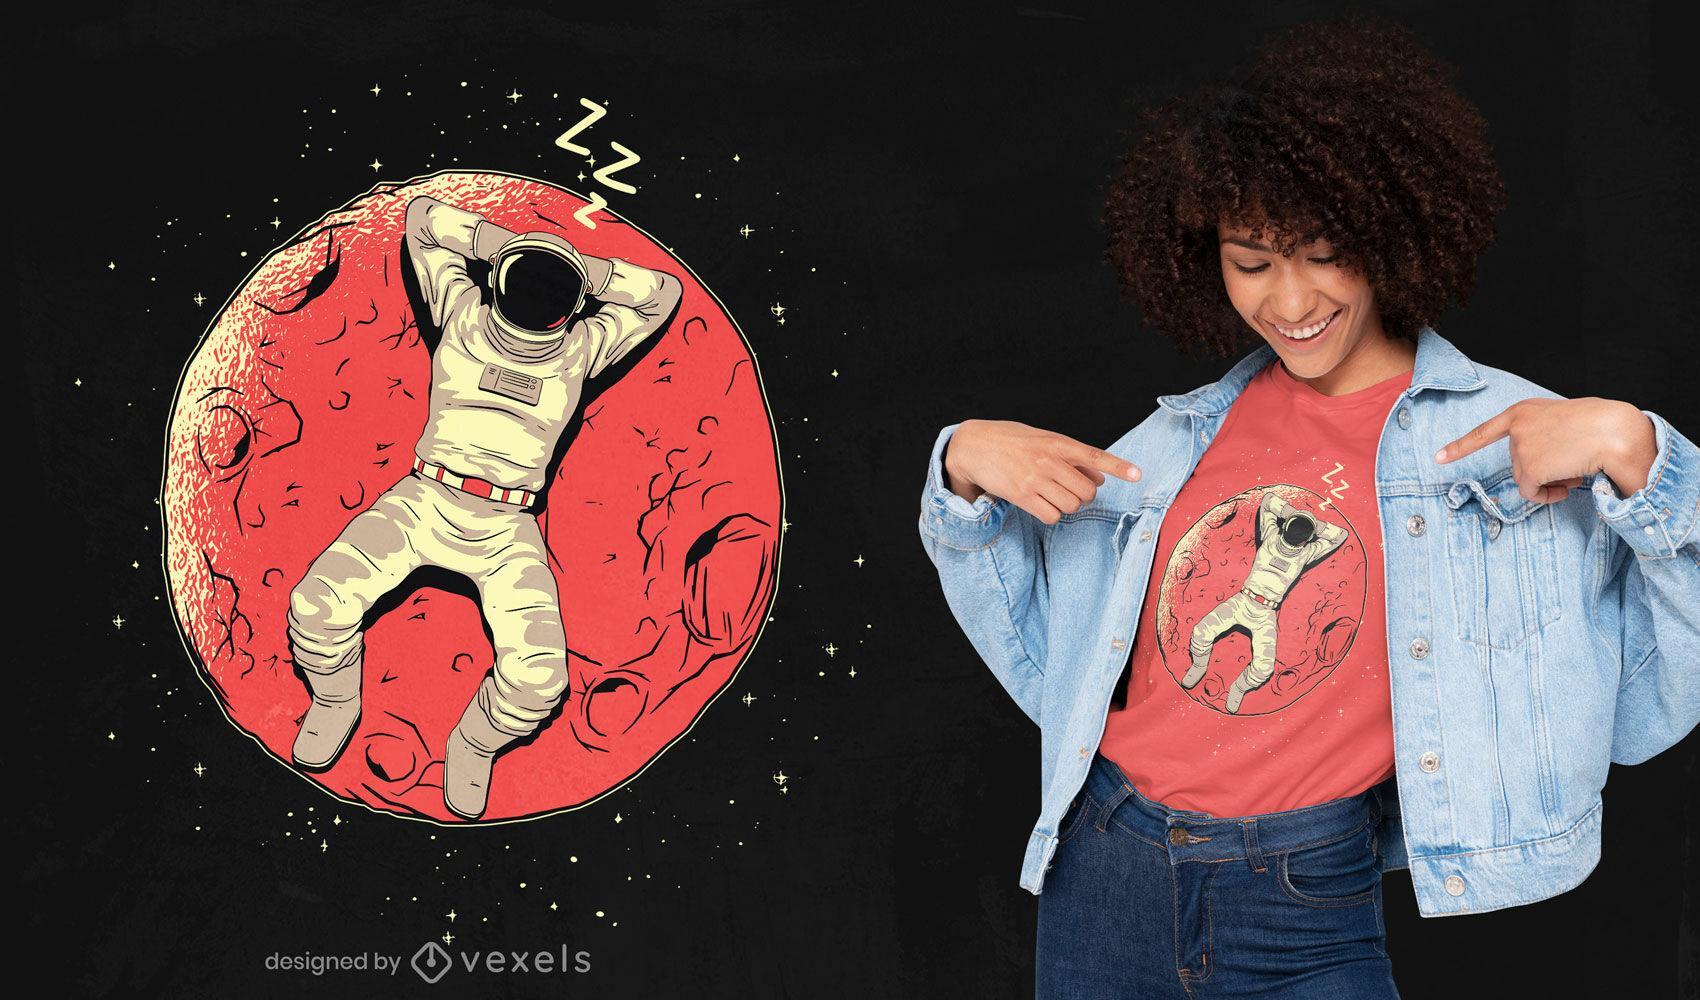 Diseño de camiseta de astronauta durmiendo en la luna.